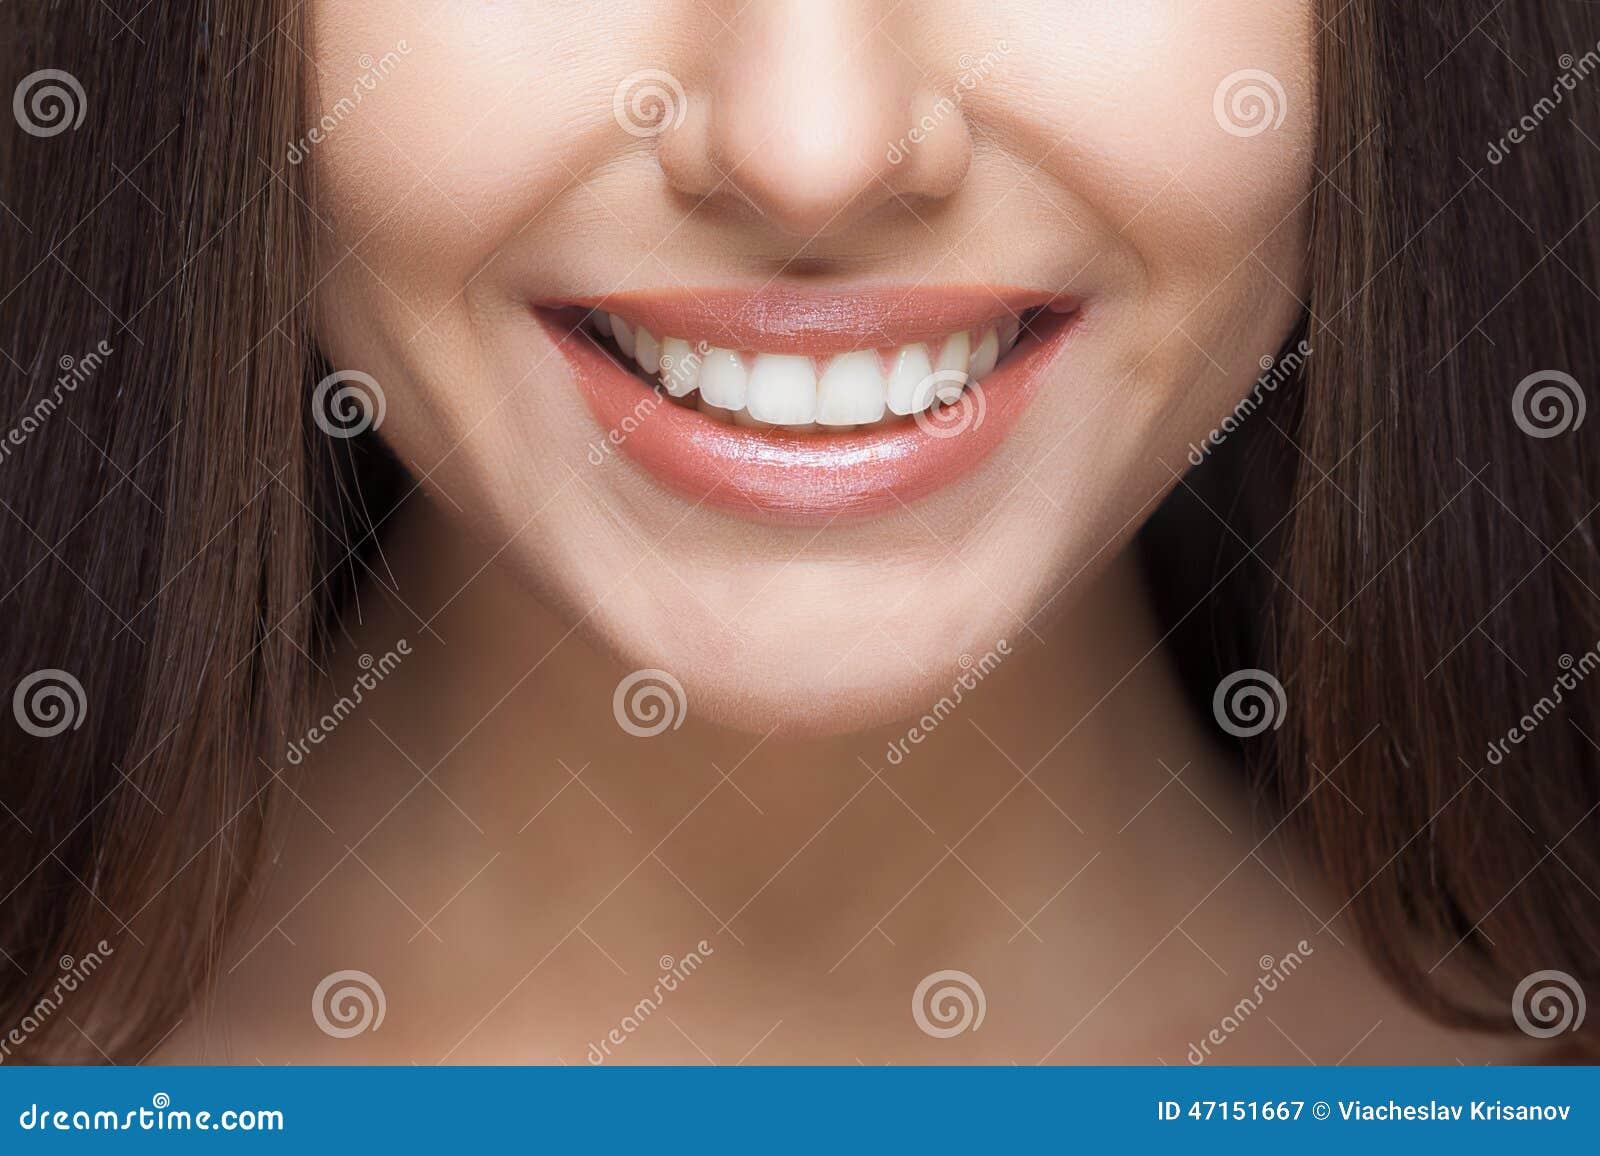 Sorriso della donna denti che imbiancano Cura dentale